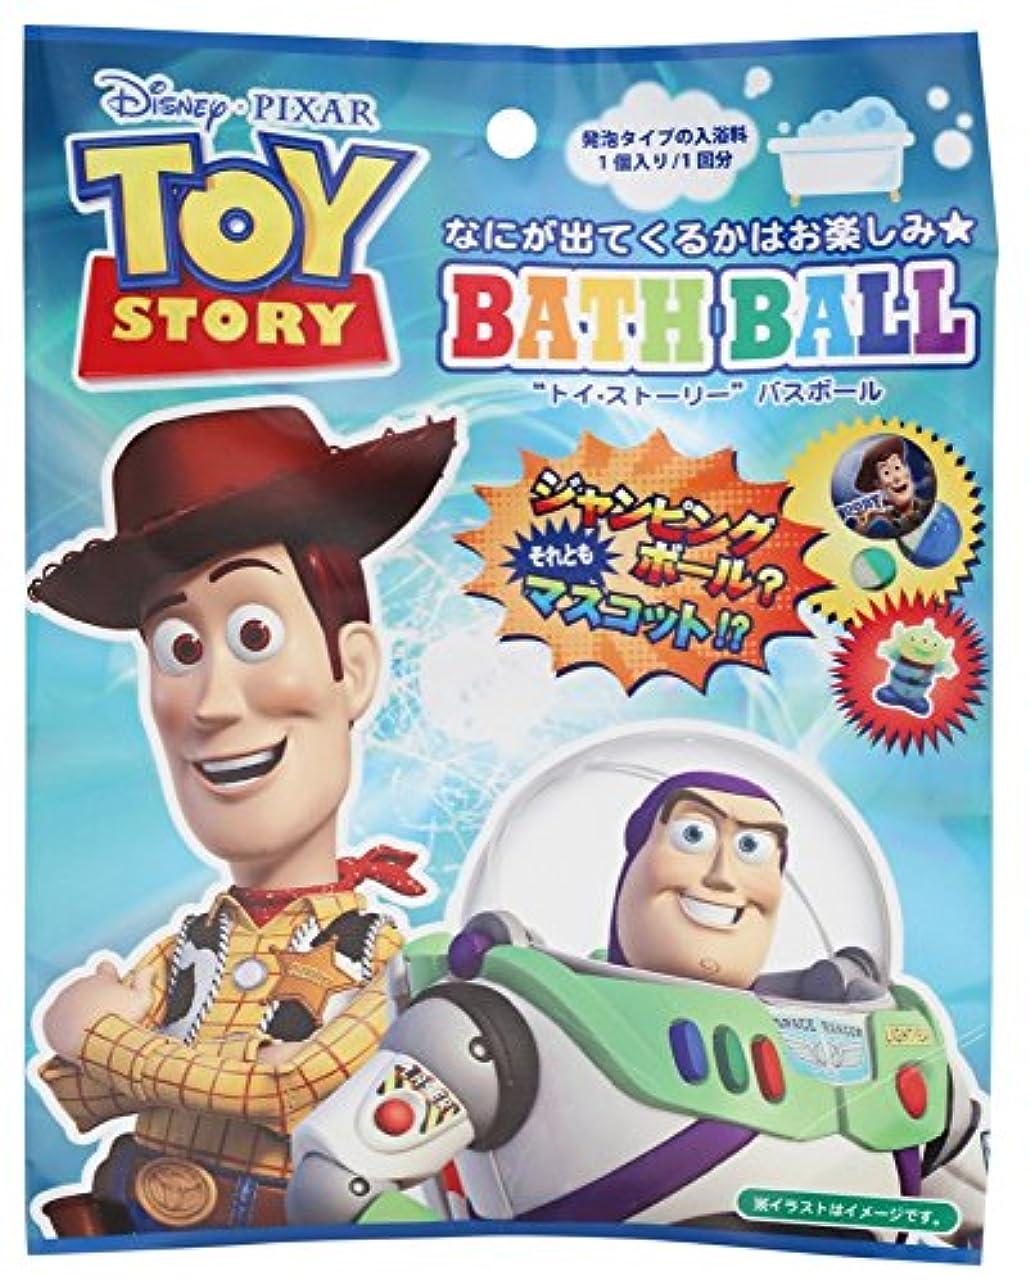 気付く推論何故なのディズニー 入浴剤 トイストーリーバスボール おまけ付き DIP-80-01